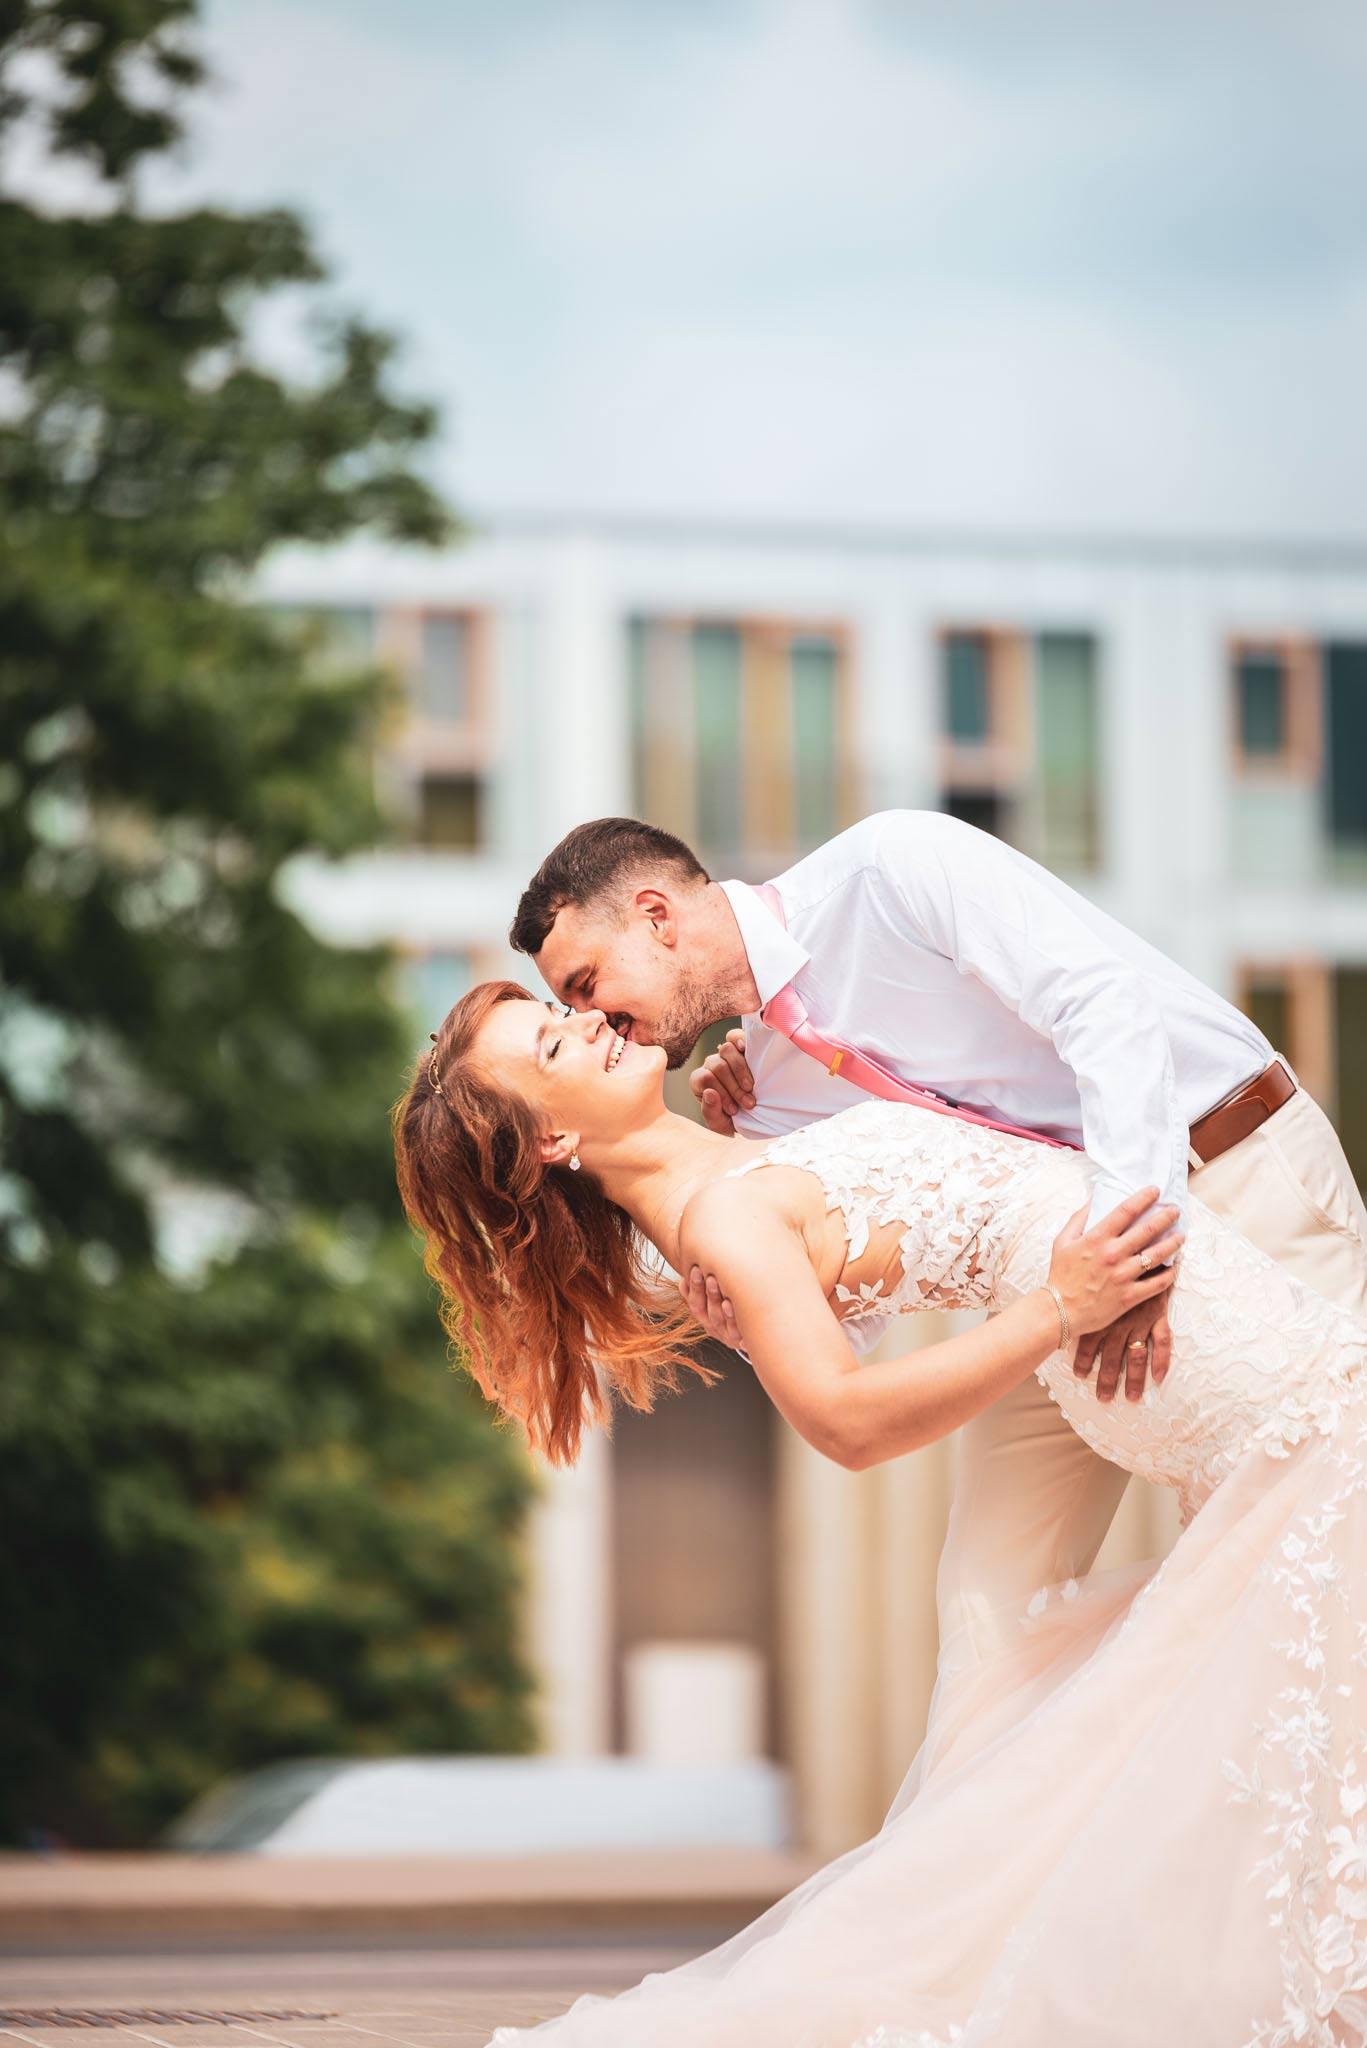 Pruutpaar Tartu fotograaf ja pulmavideo